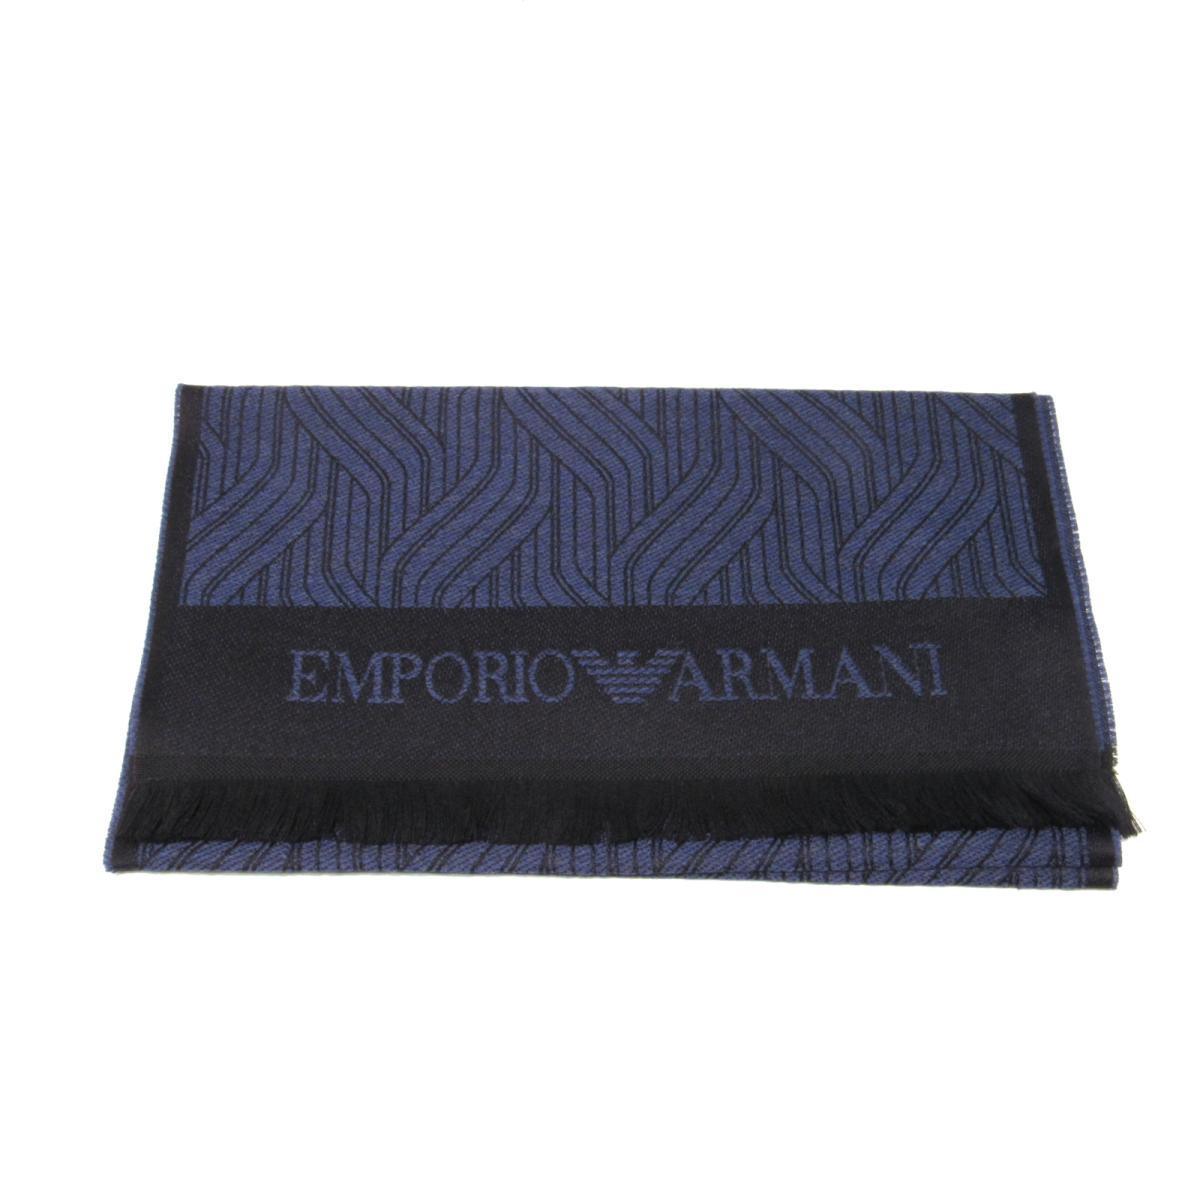 エンポリオアルマーニ マフラー メンズ レディース ウール100% ECIPSE BLUE (9A400)   EMPORIO ARMANI BRANDOFF ブランドオフ ブランド ストール